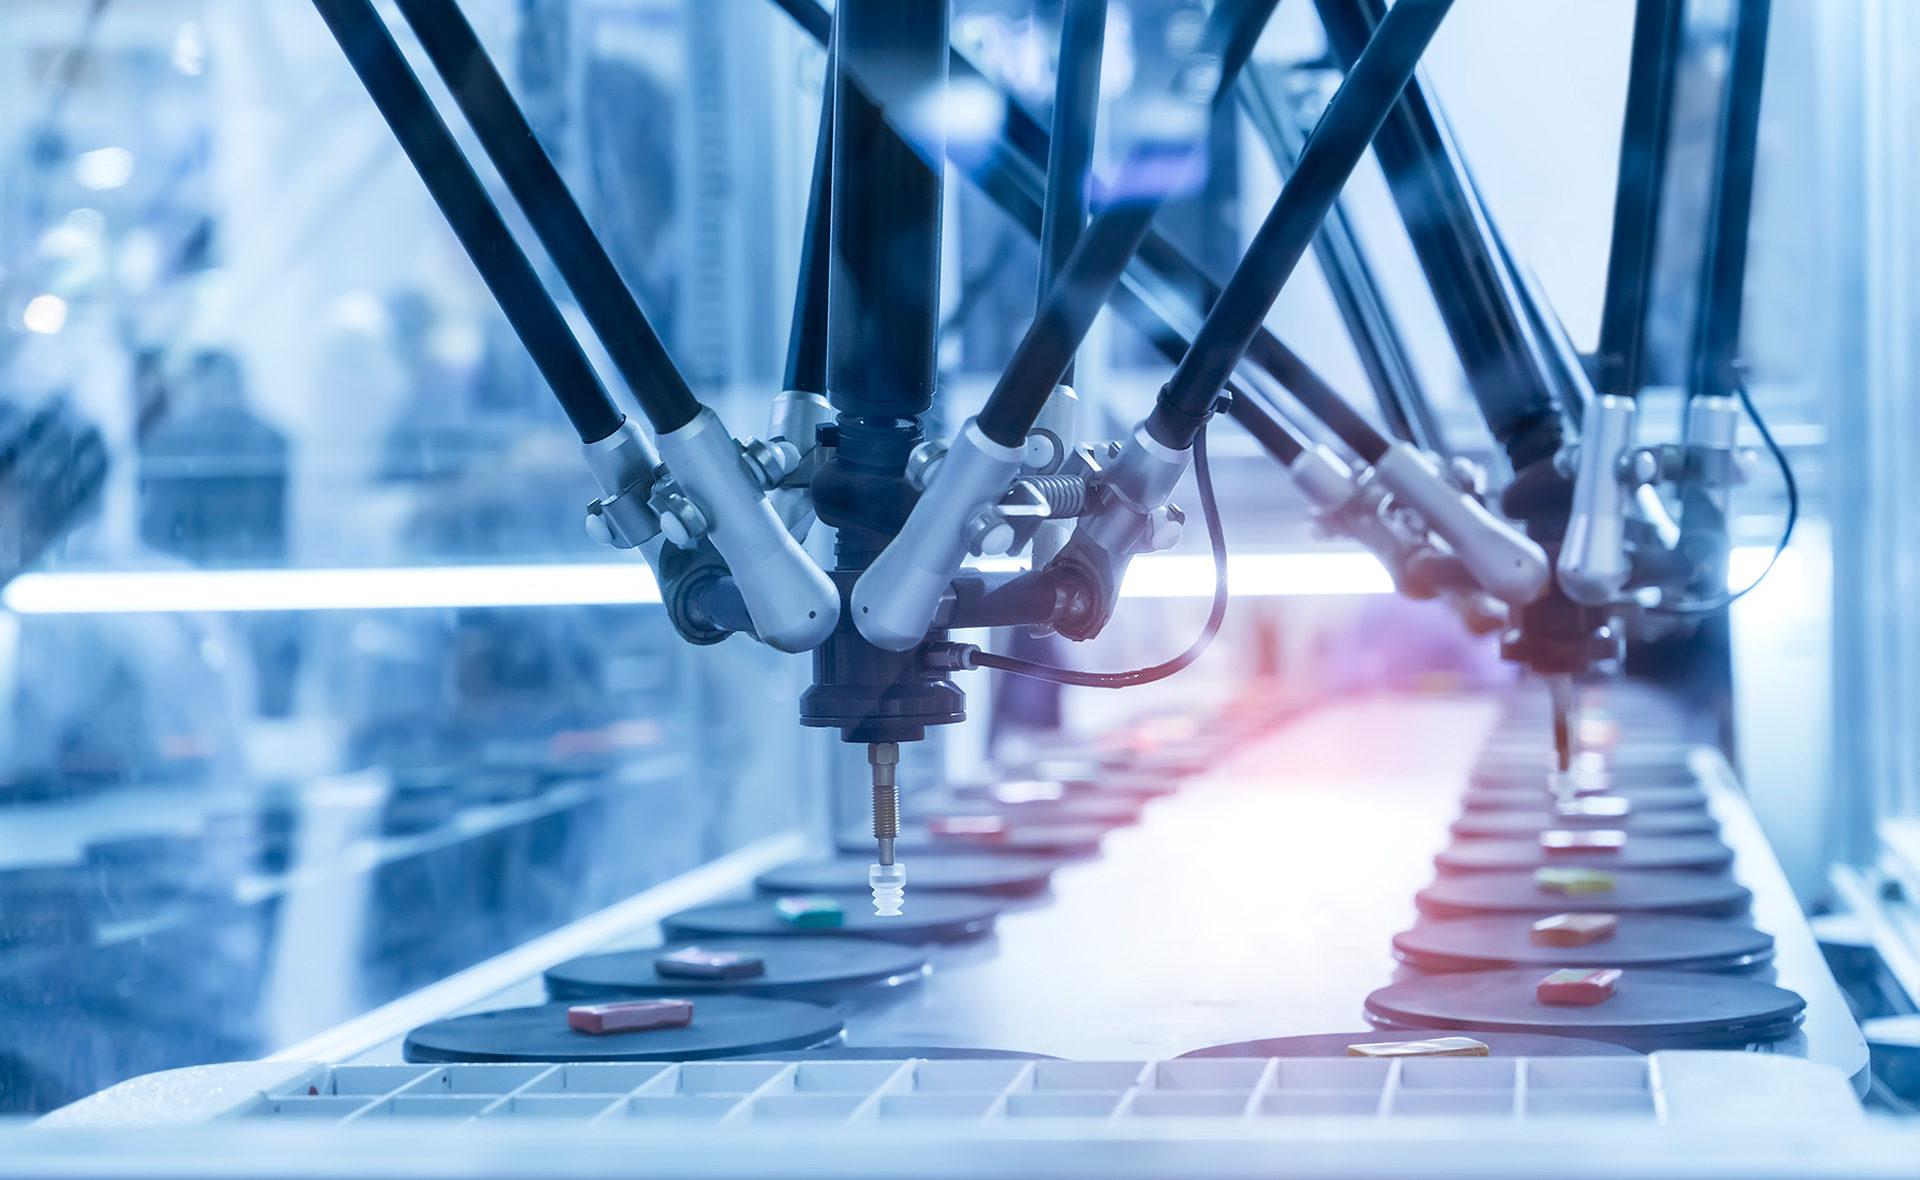 imagen de Pensiones y robots, robótica, recurso,